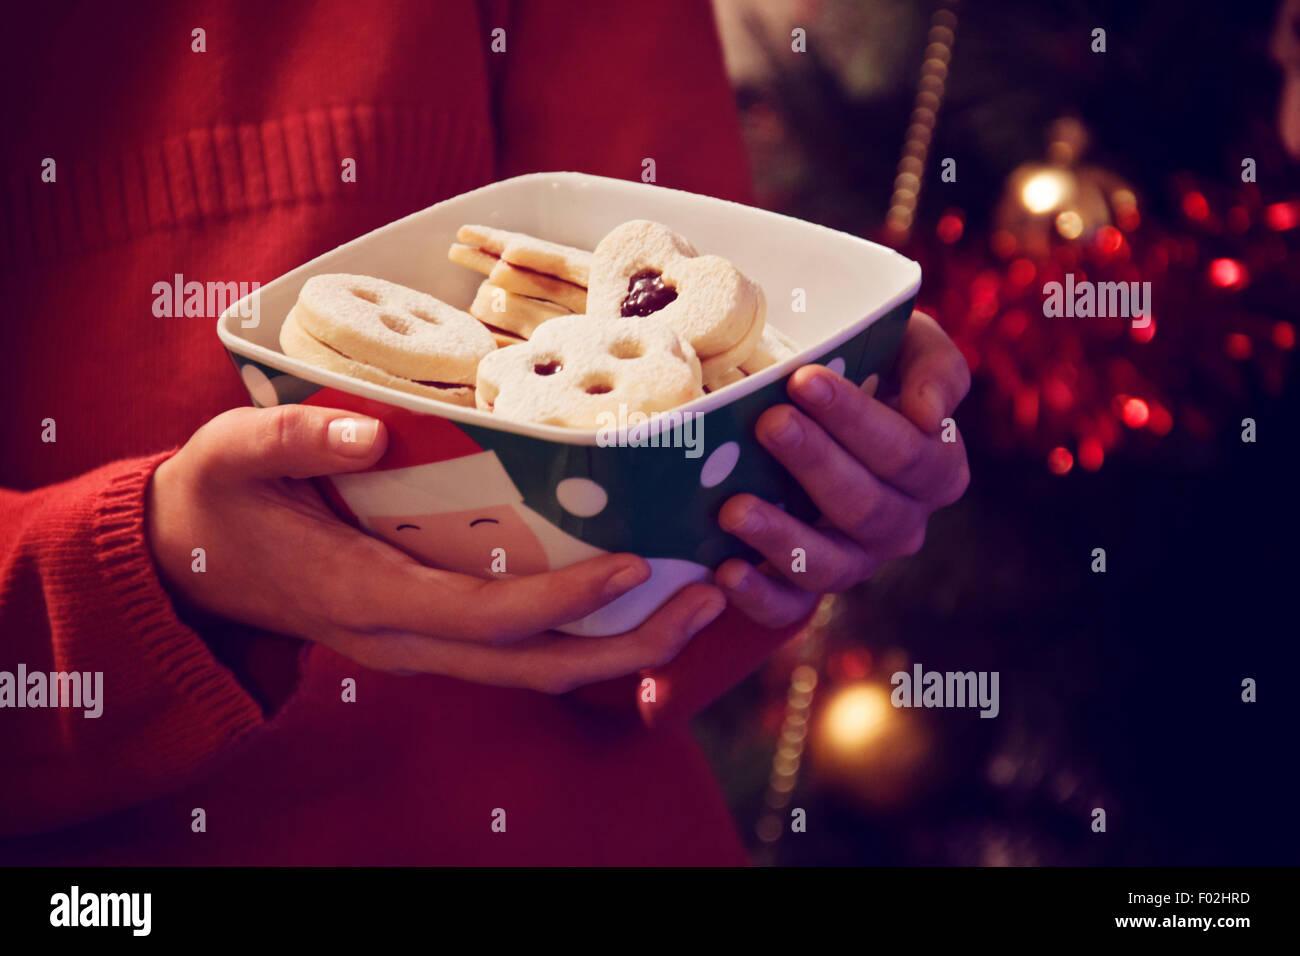 Chica sujetando el tazón con galletas de Navidad Imagen De Stock